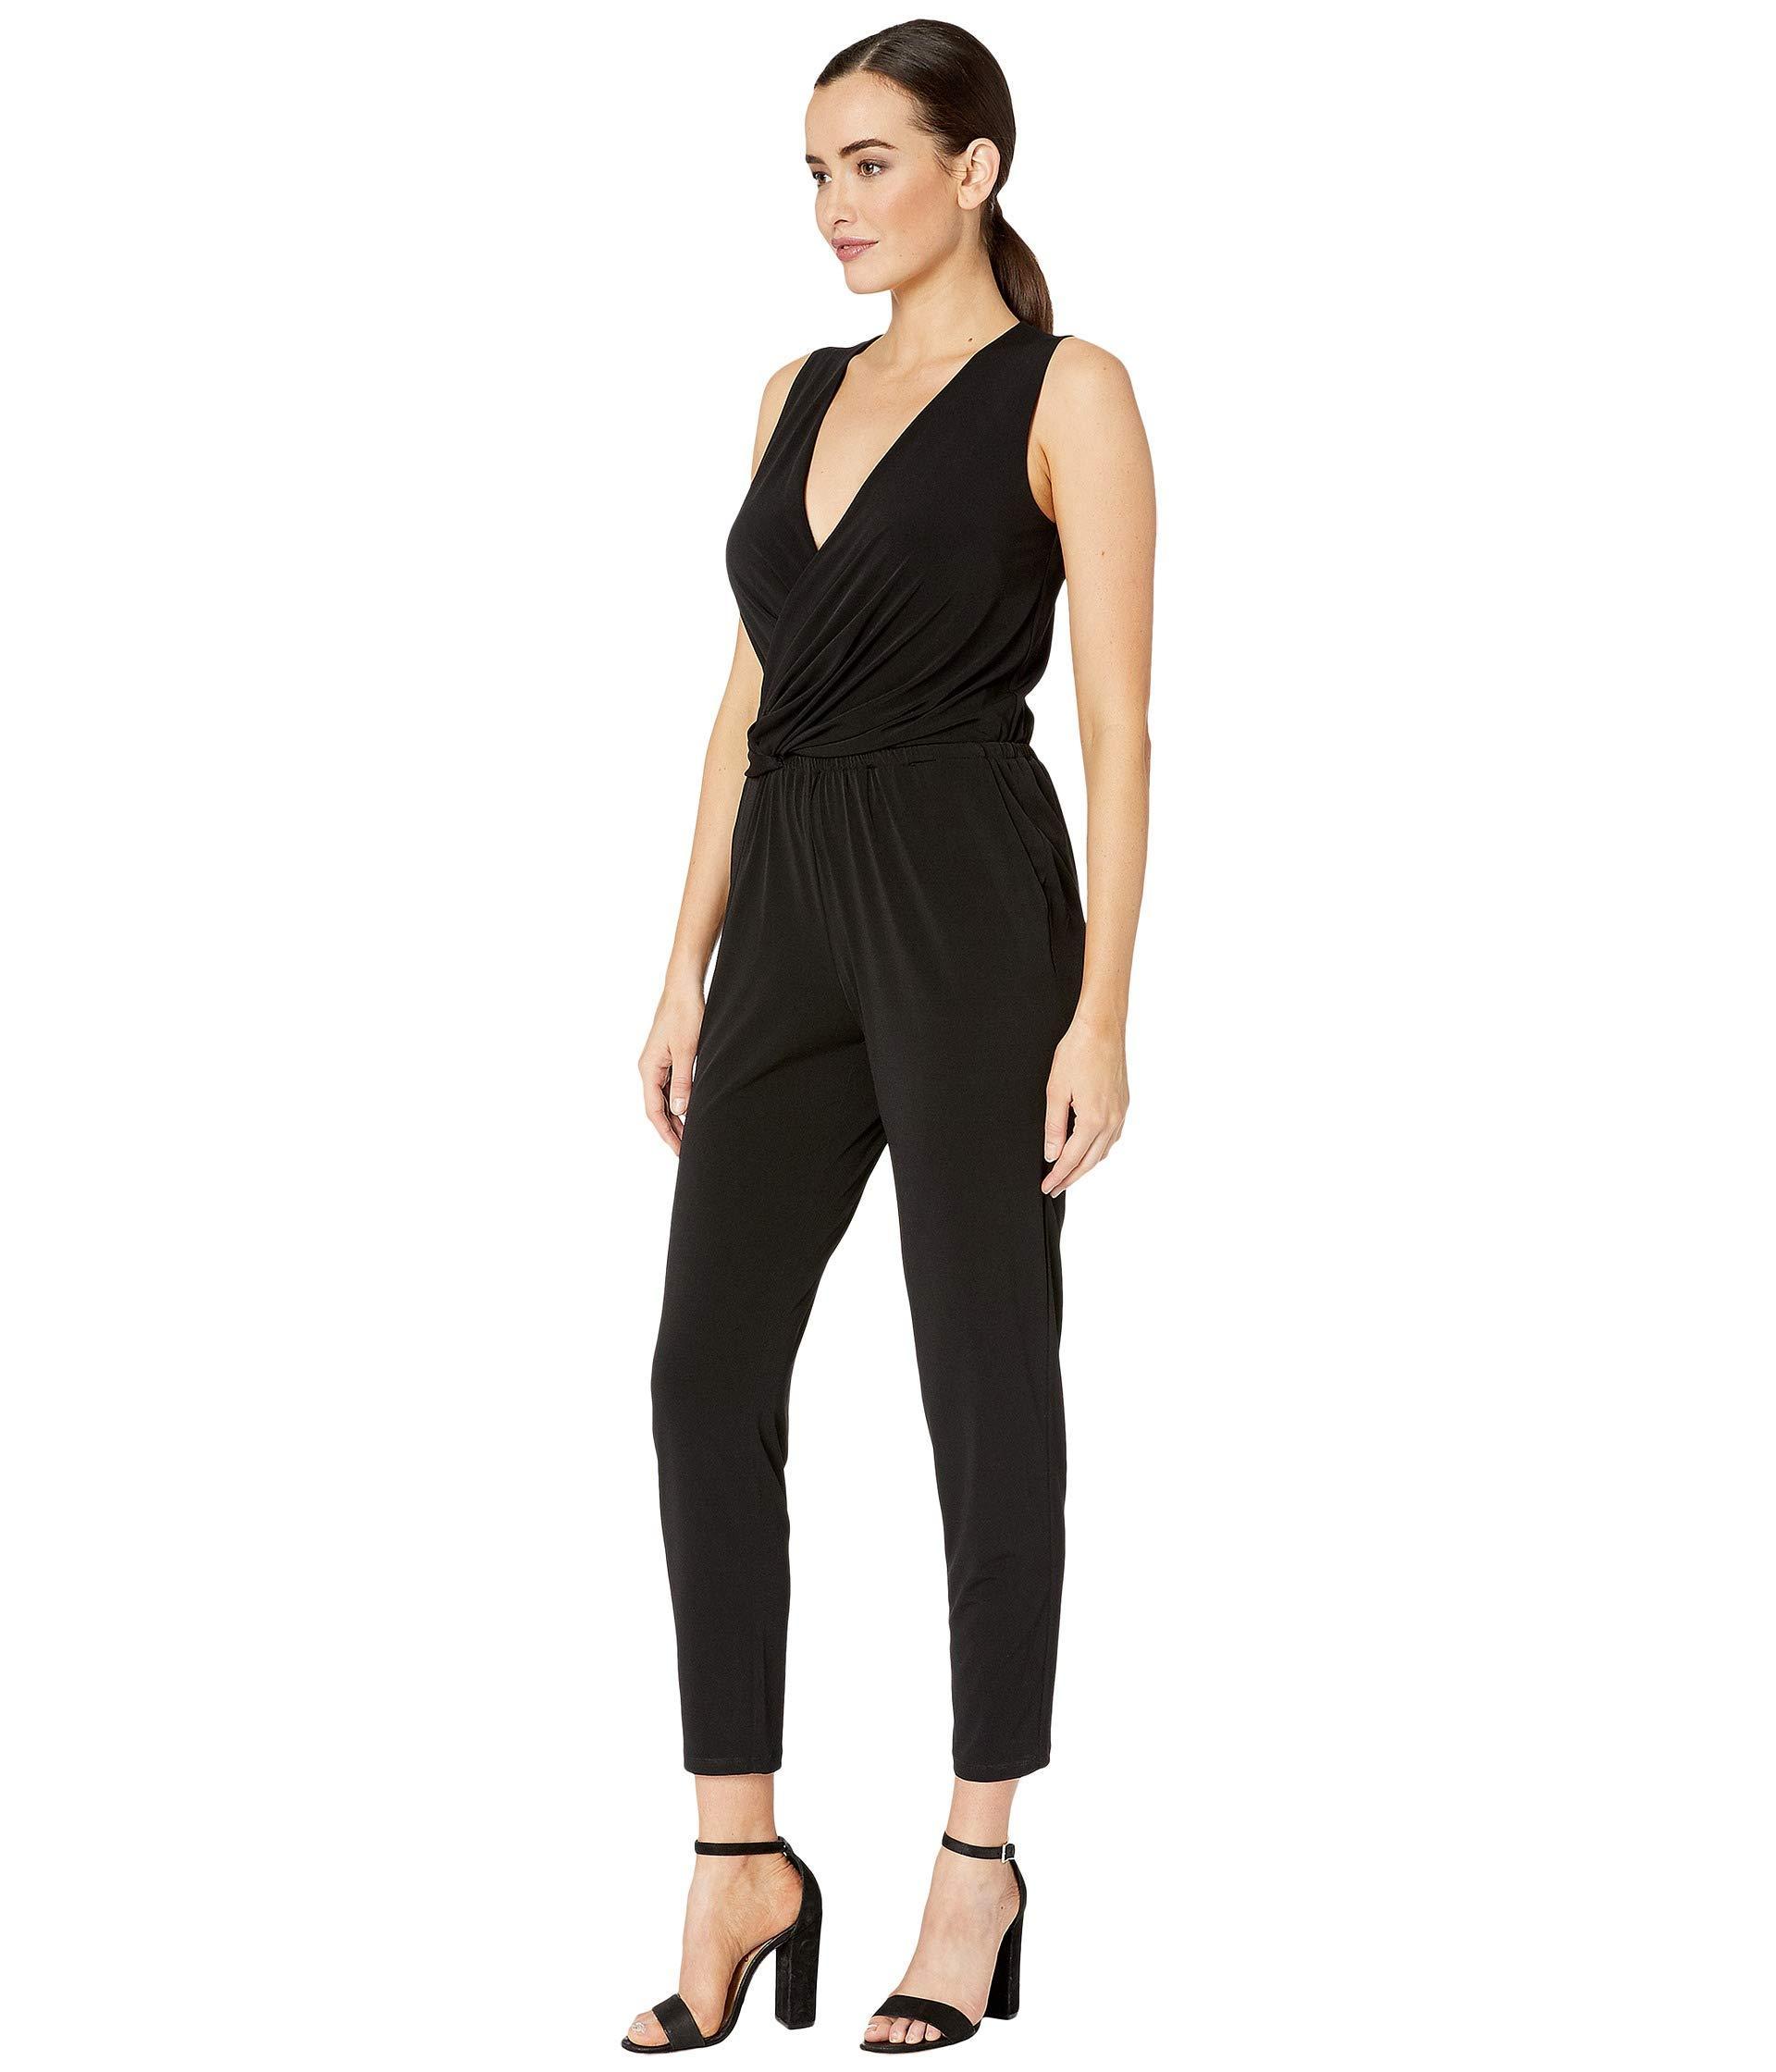 9c7291be8c6c Lyst - MICHAEL Michael Kors Solid Twist Waist Jumpsuit (black) Women s  Jumpsuit   Rompers One Piece in Black